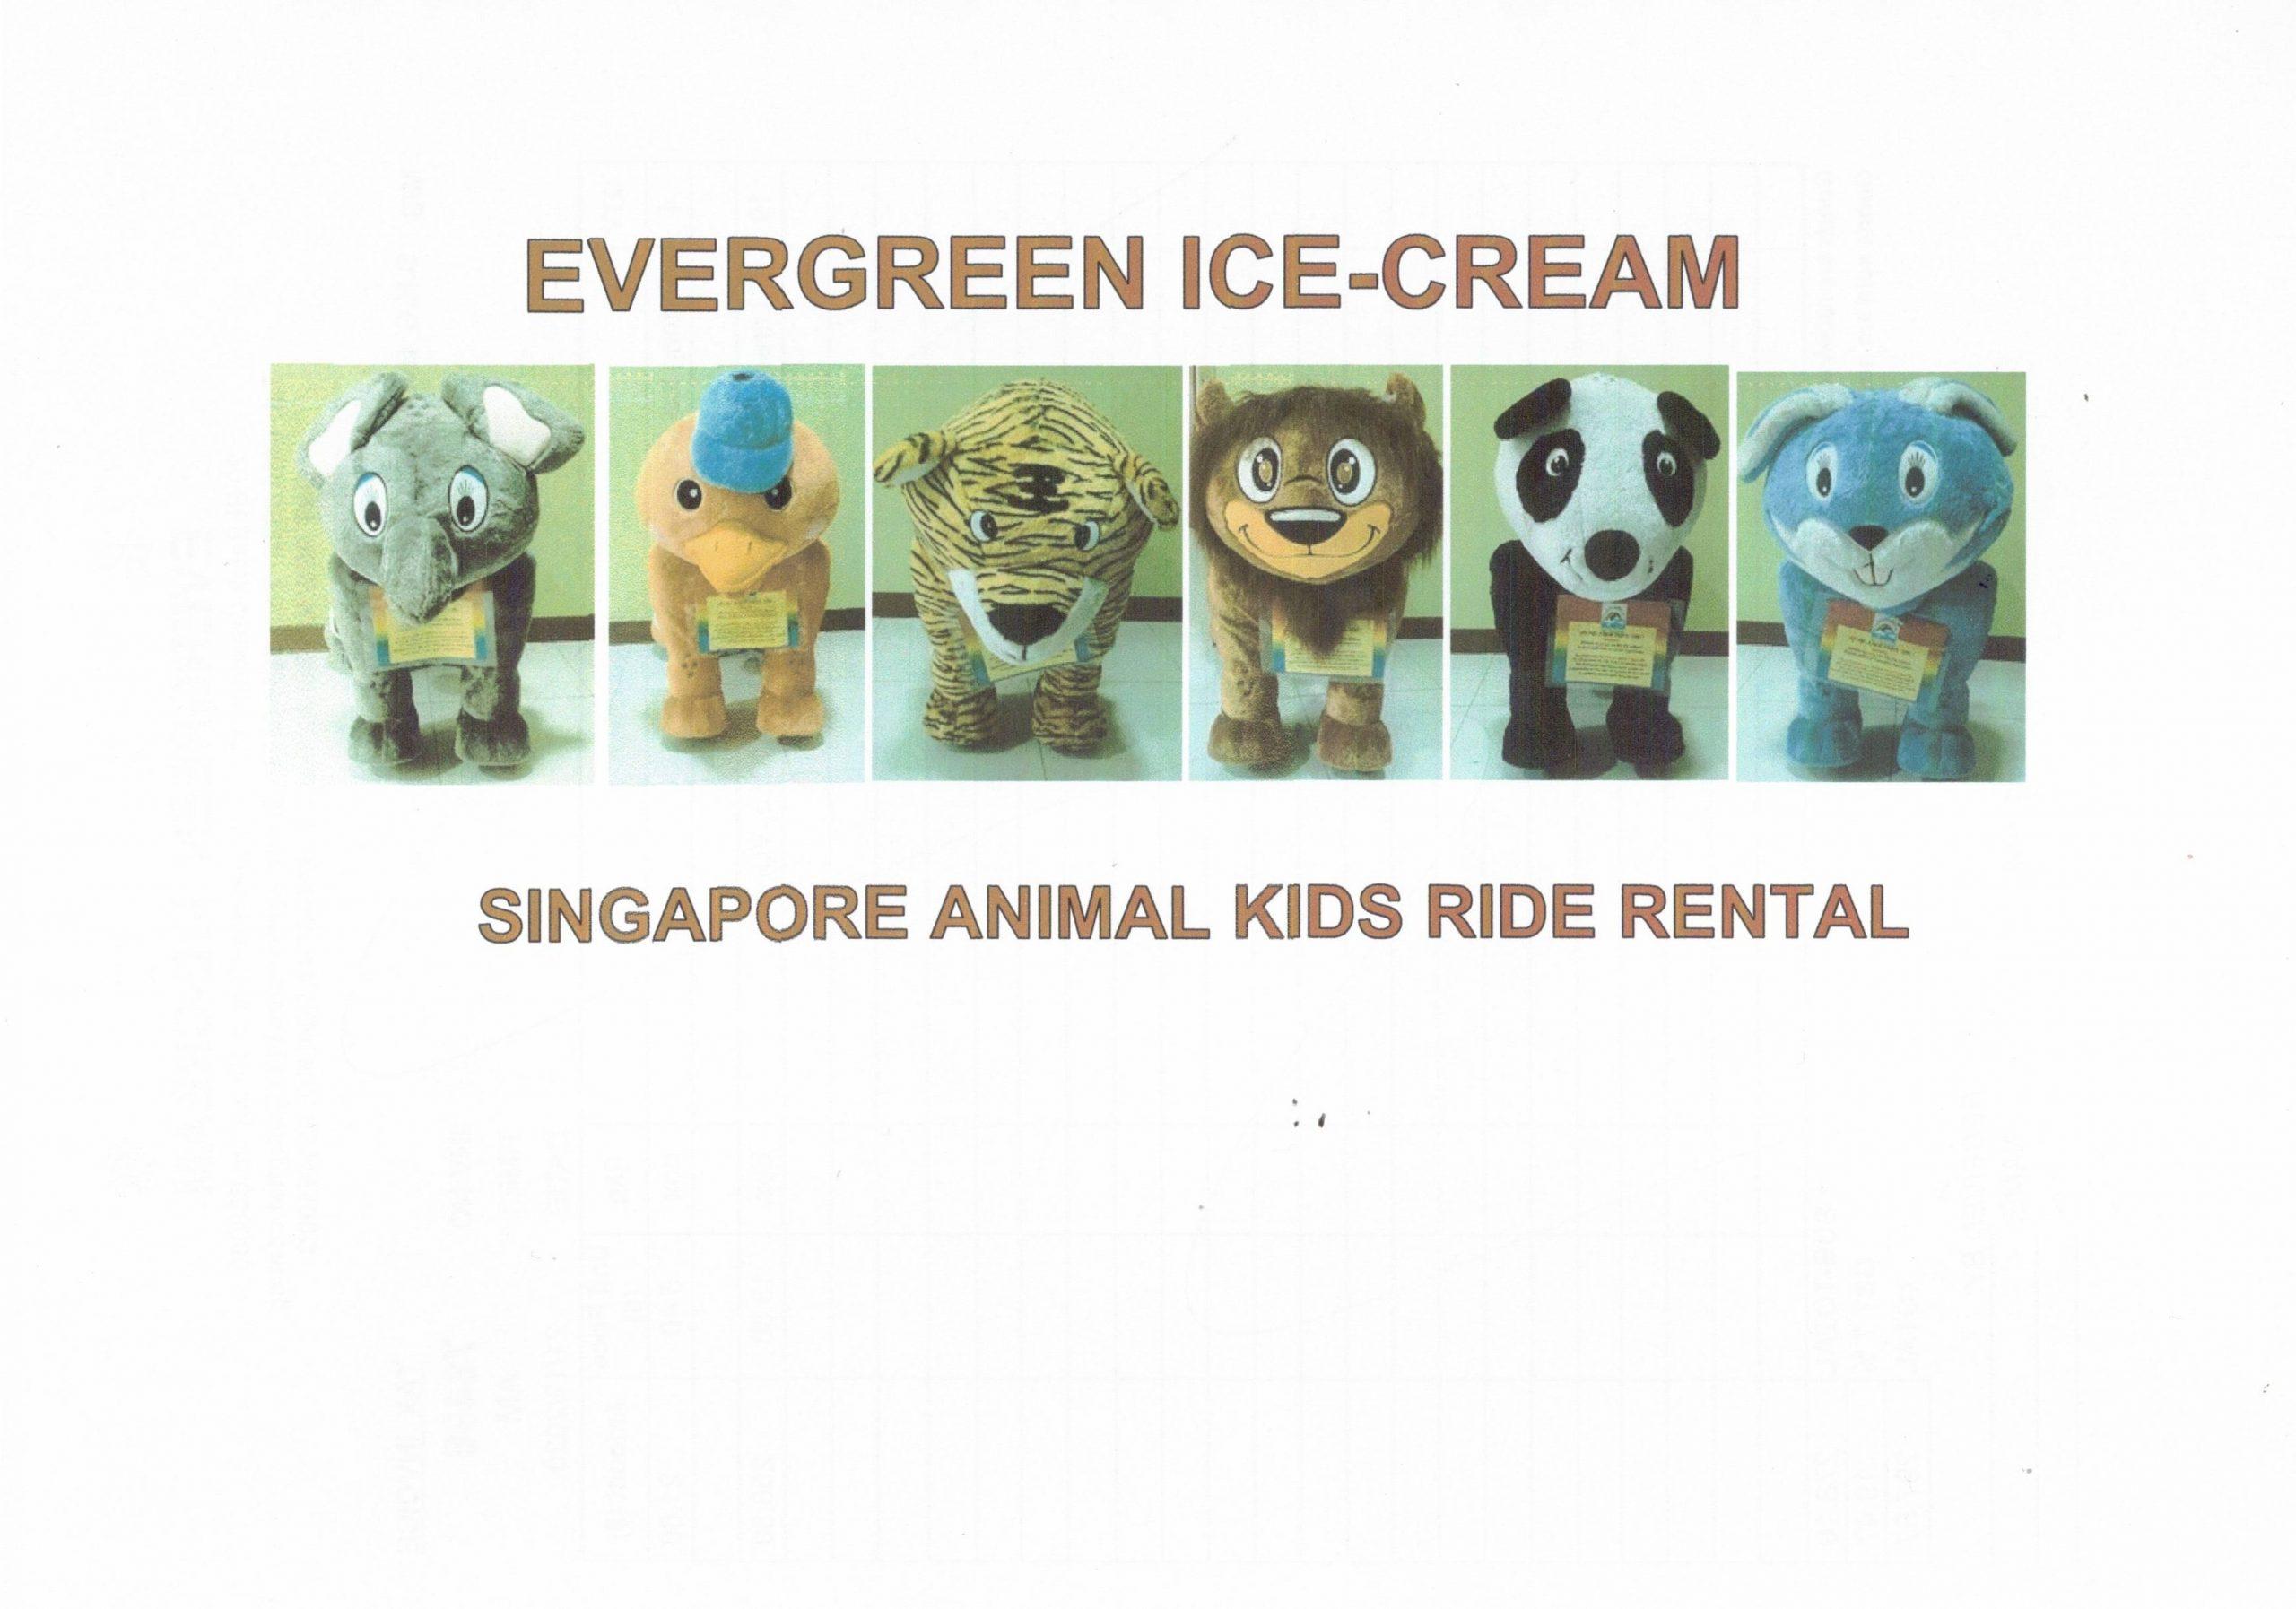 SINGAPORE ANIMAL KIDS RIDE RENTAL